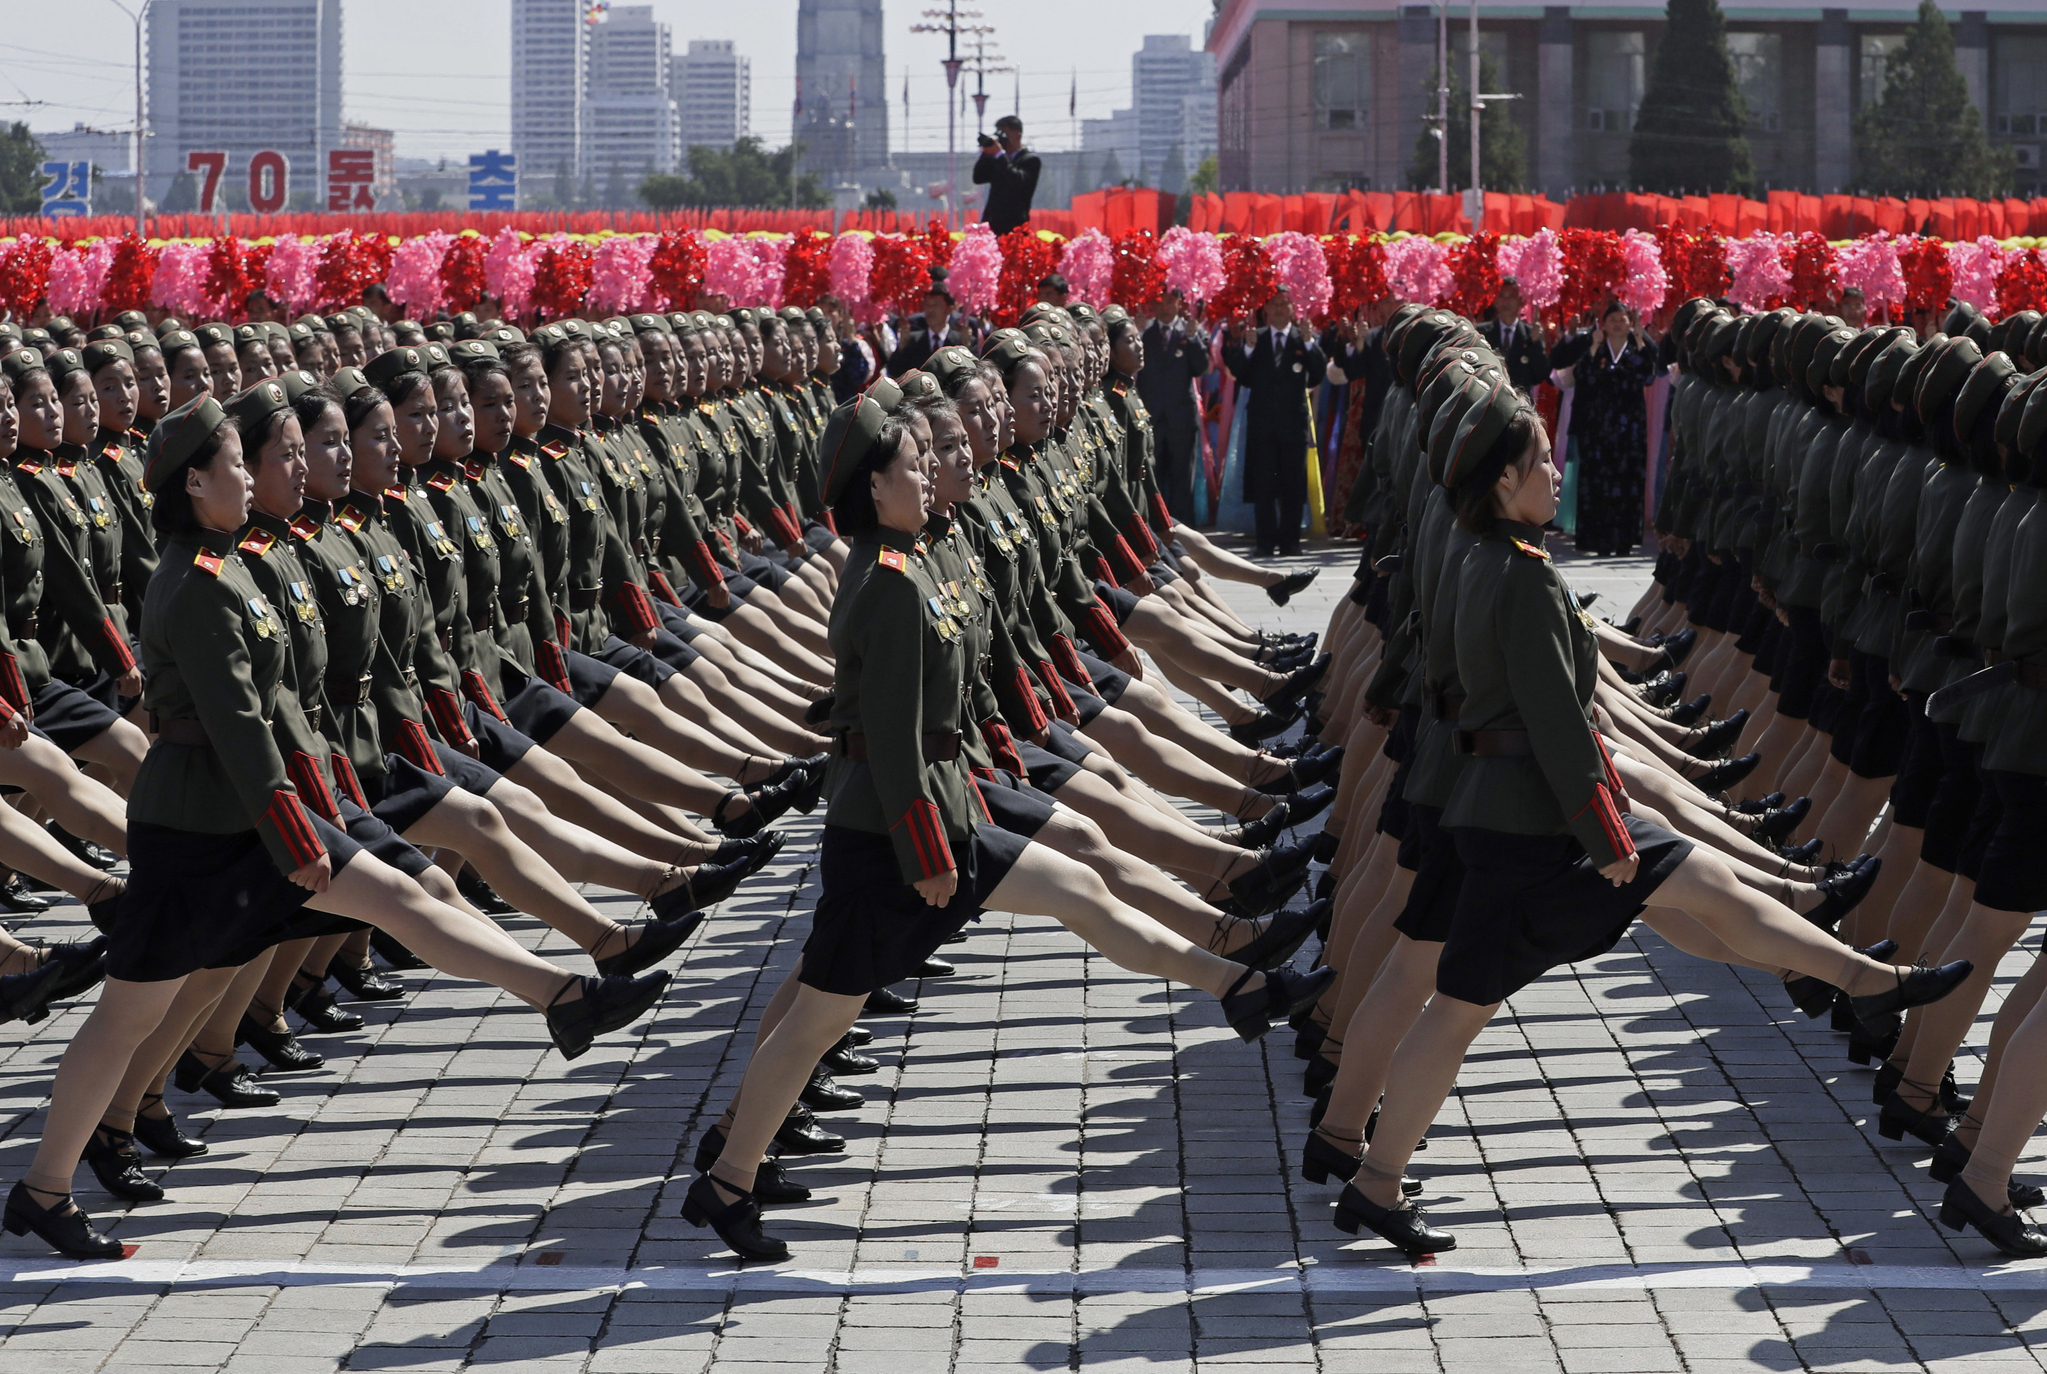 북한 정권수립 70주년 기념 열병식이 열린 9일 북한 평양 김일성 광장에서 퍼레이드를 펼치고 있는 북한 여군들.[AP=연합뉴스]